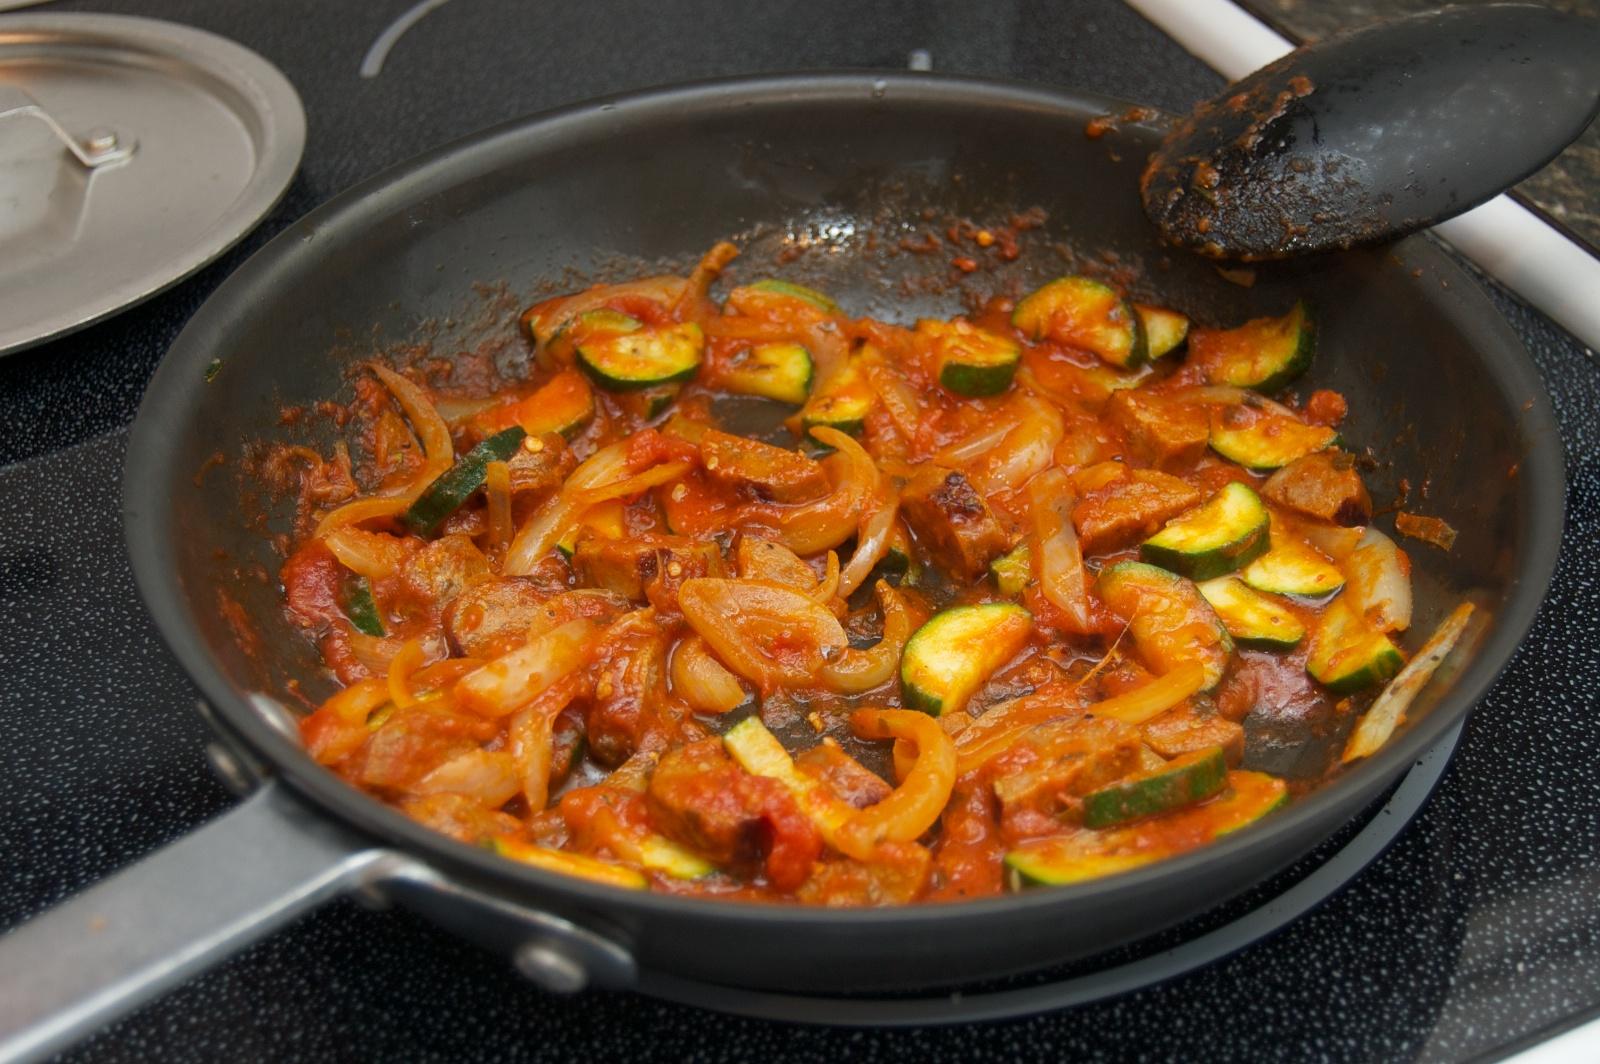 http://blog.rickk.com/food/2011/01/14/pasta2.jpg